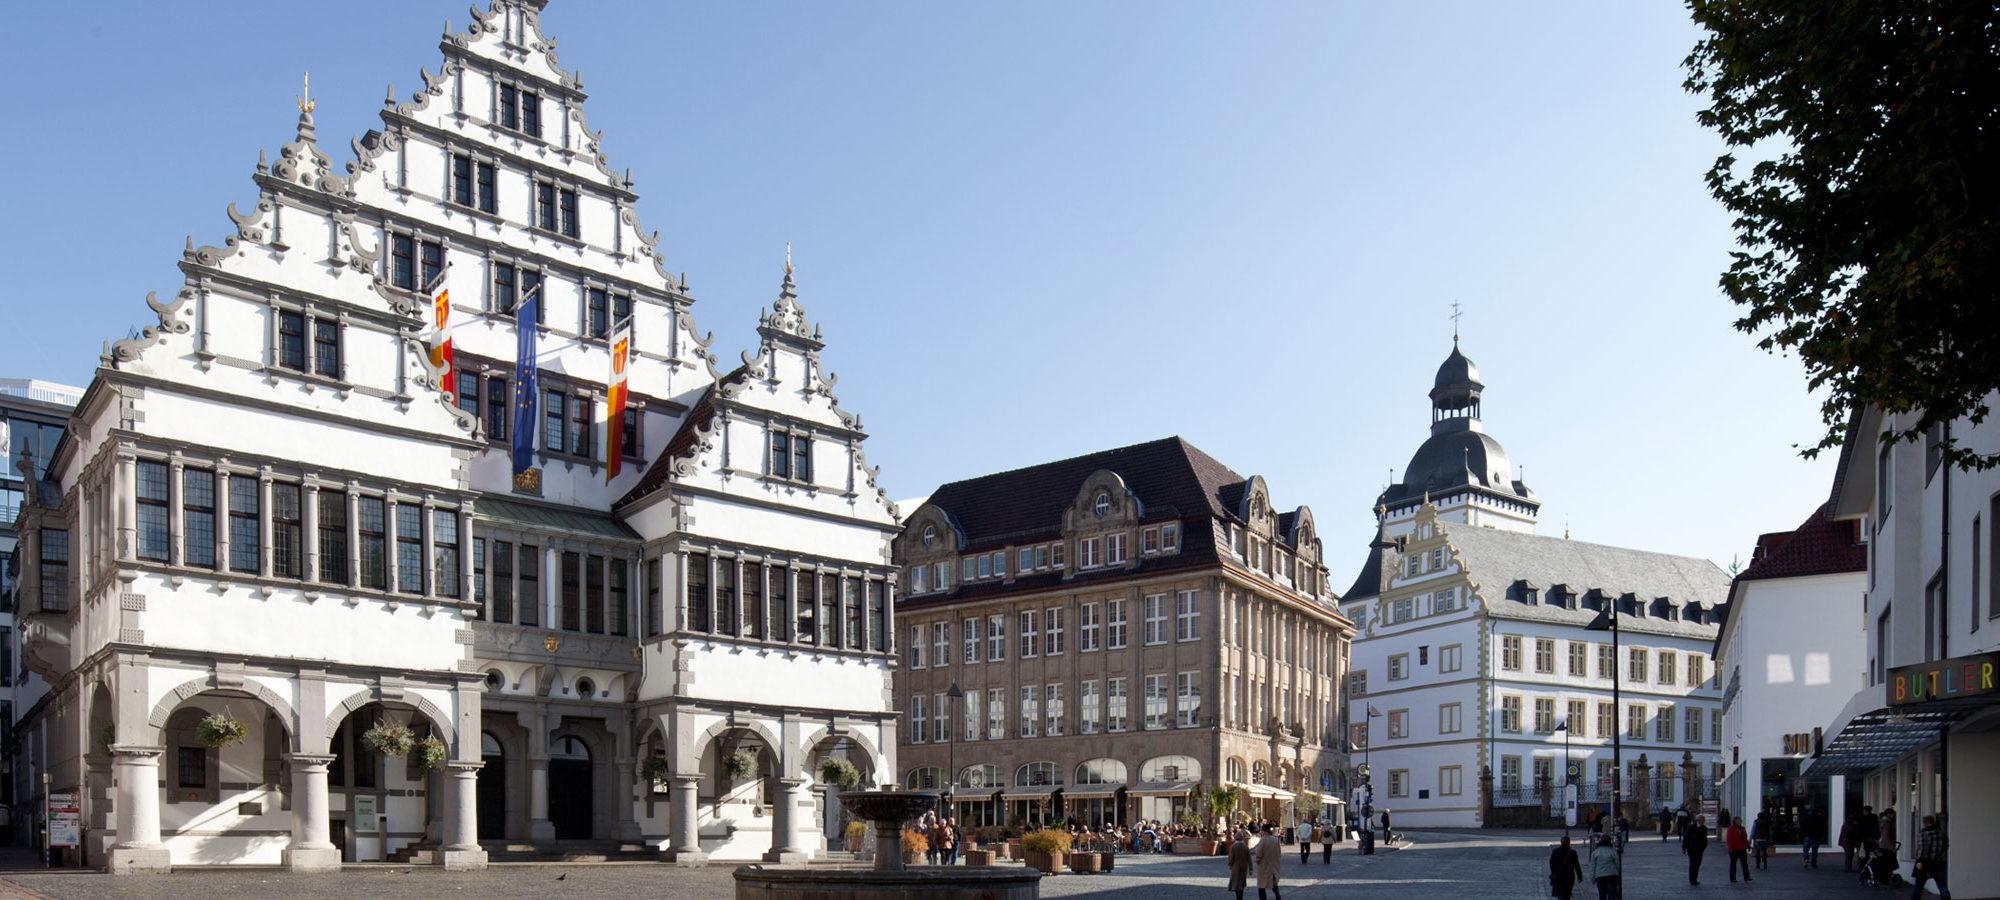 Historische Rathaus Paderborn © Matthias Groppe